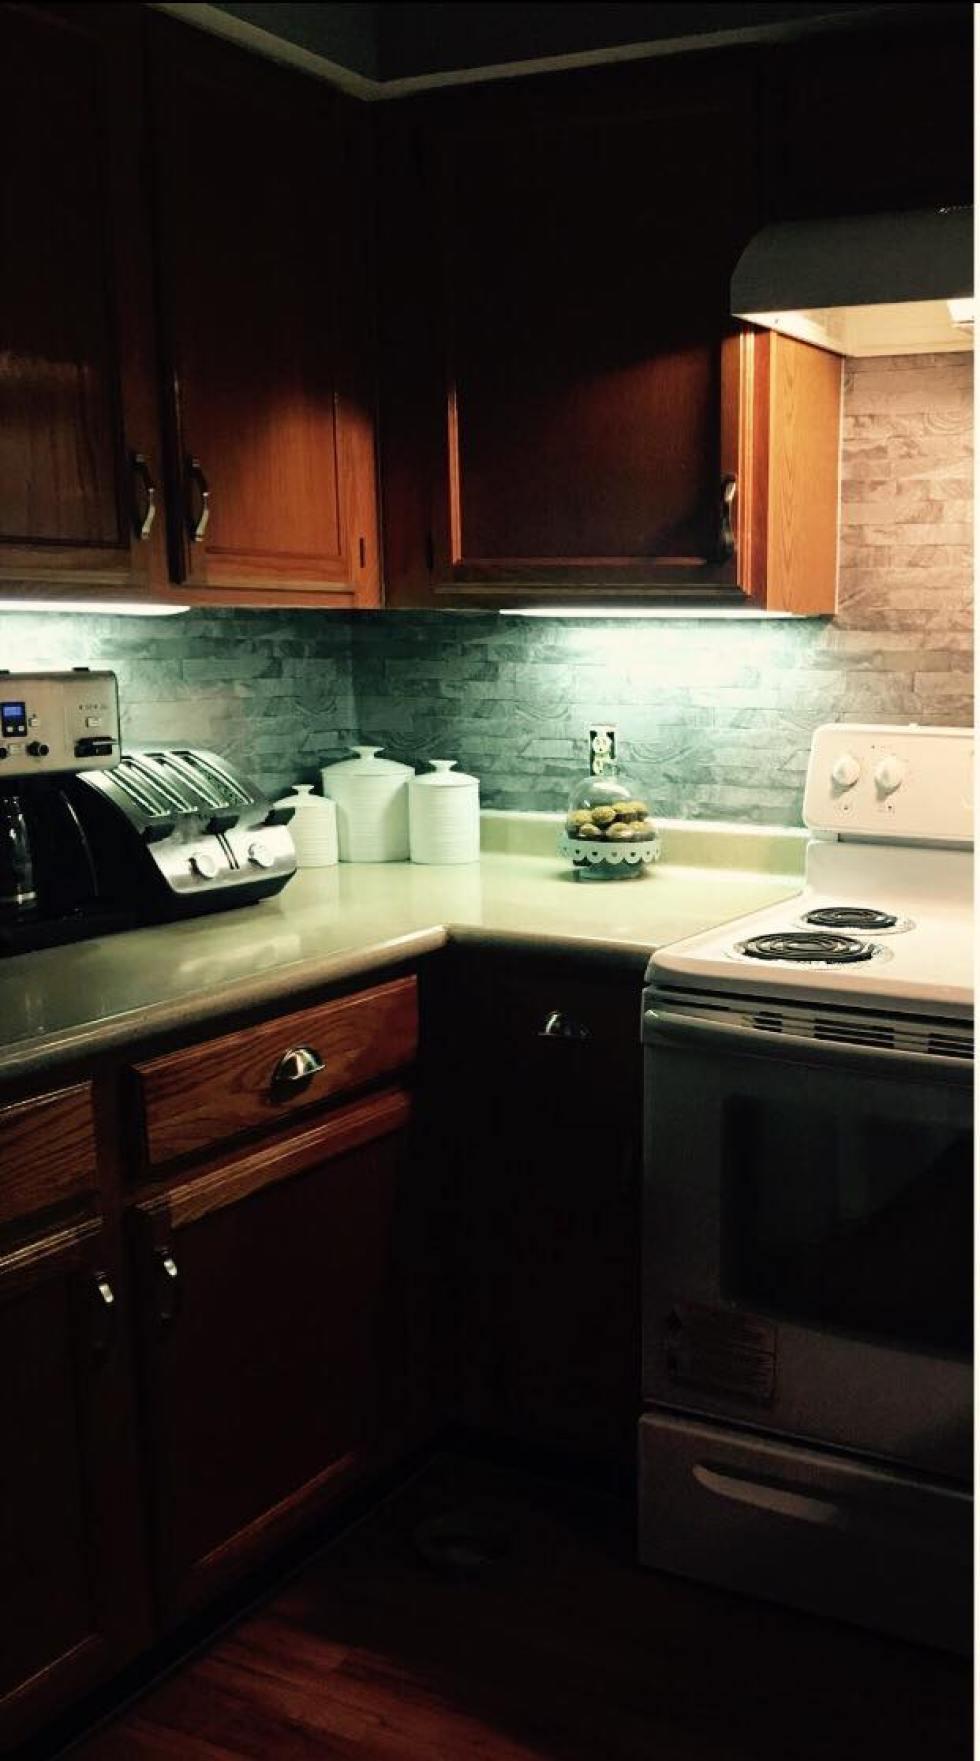 Wallpaper Kitchen.jpg